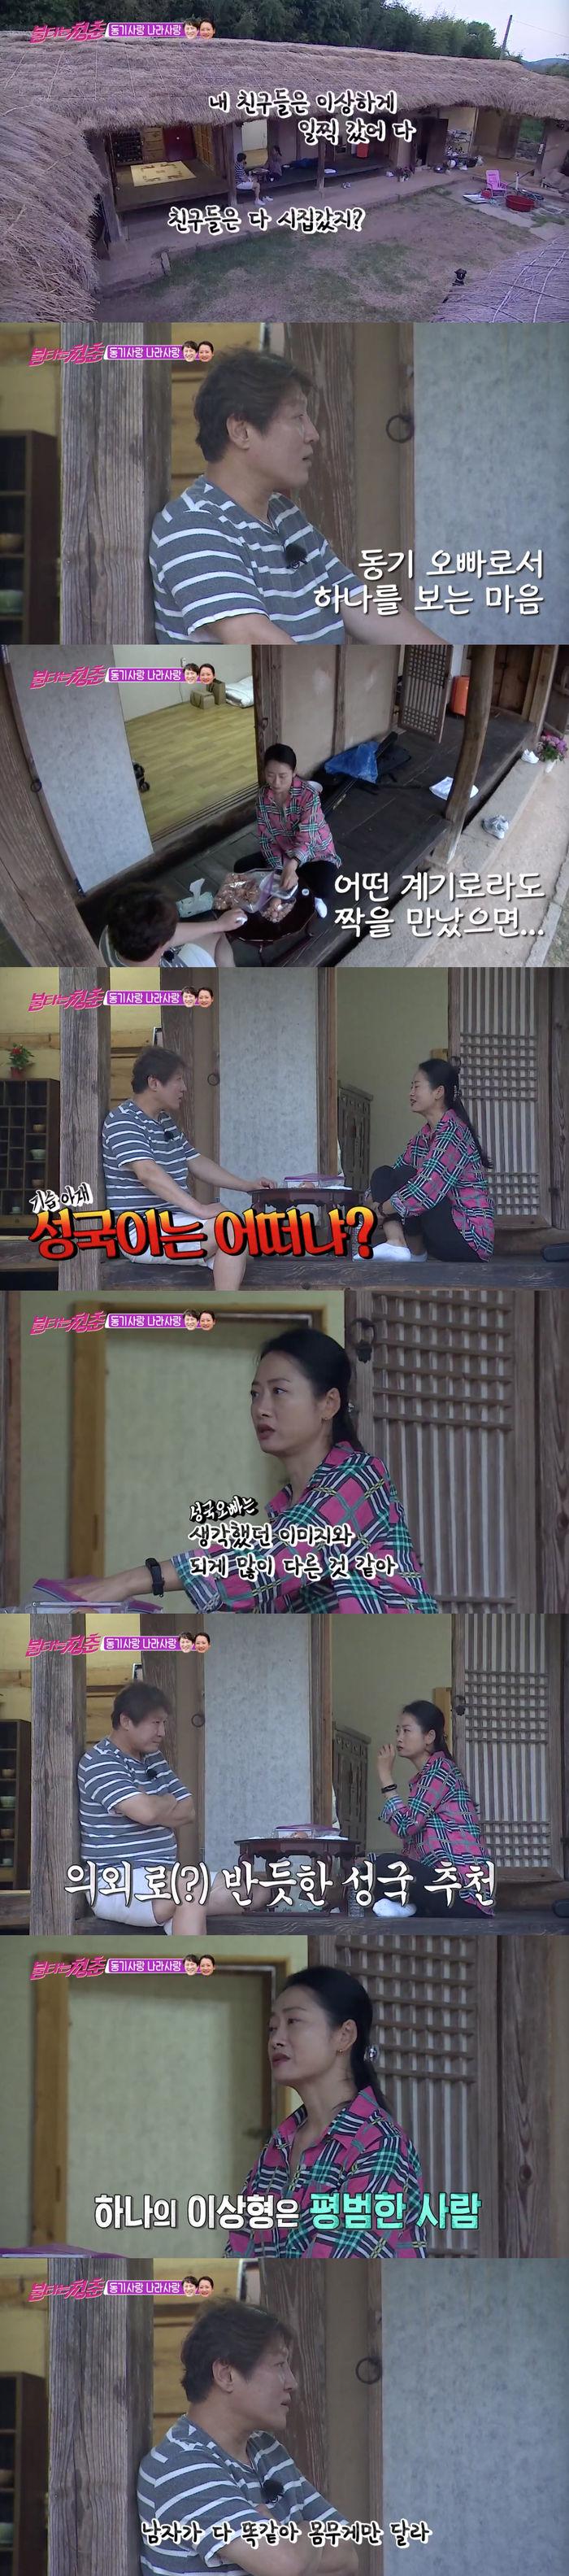 """'불청' 김정균, 조하나에 """"최성국은 어떠냐?""""…조하나의 이상형은?"""